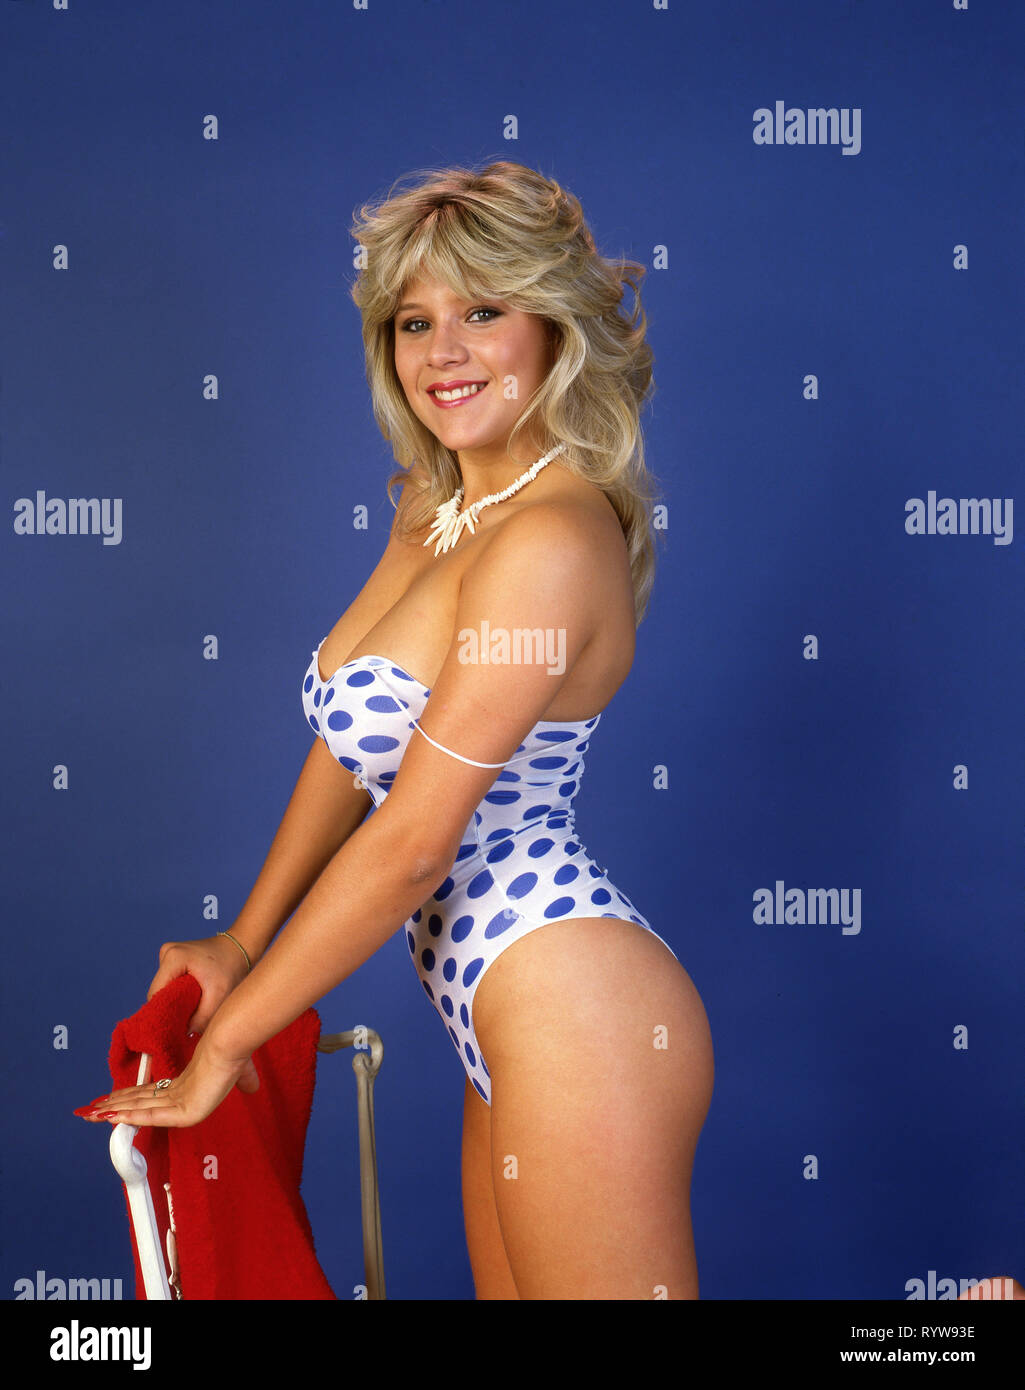 Samantha Fox che indossa un costume da bagno polkadot Immagini Stock